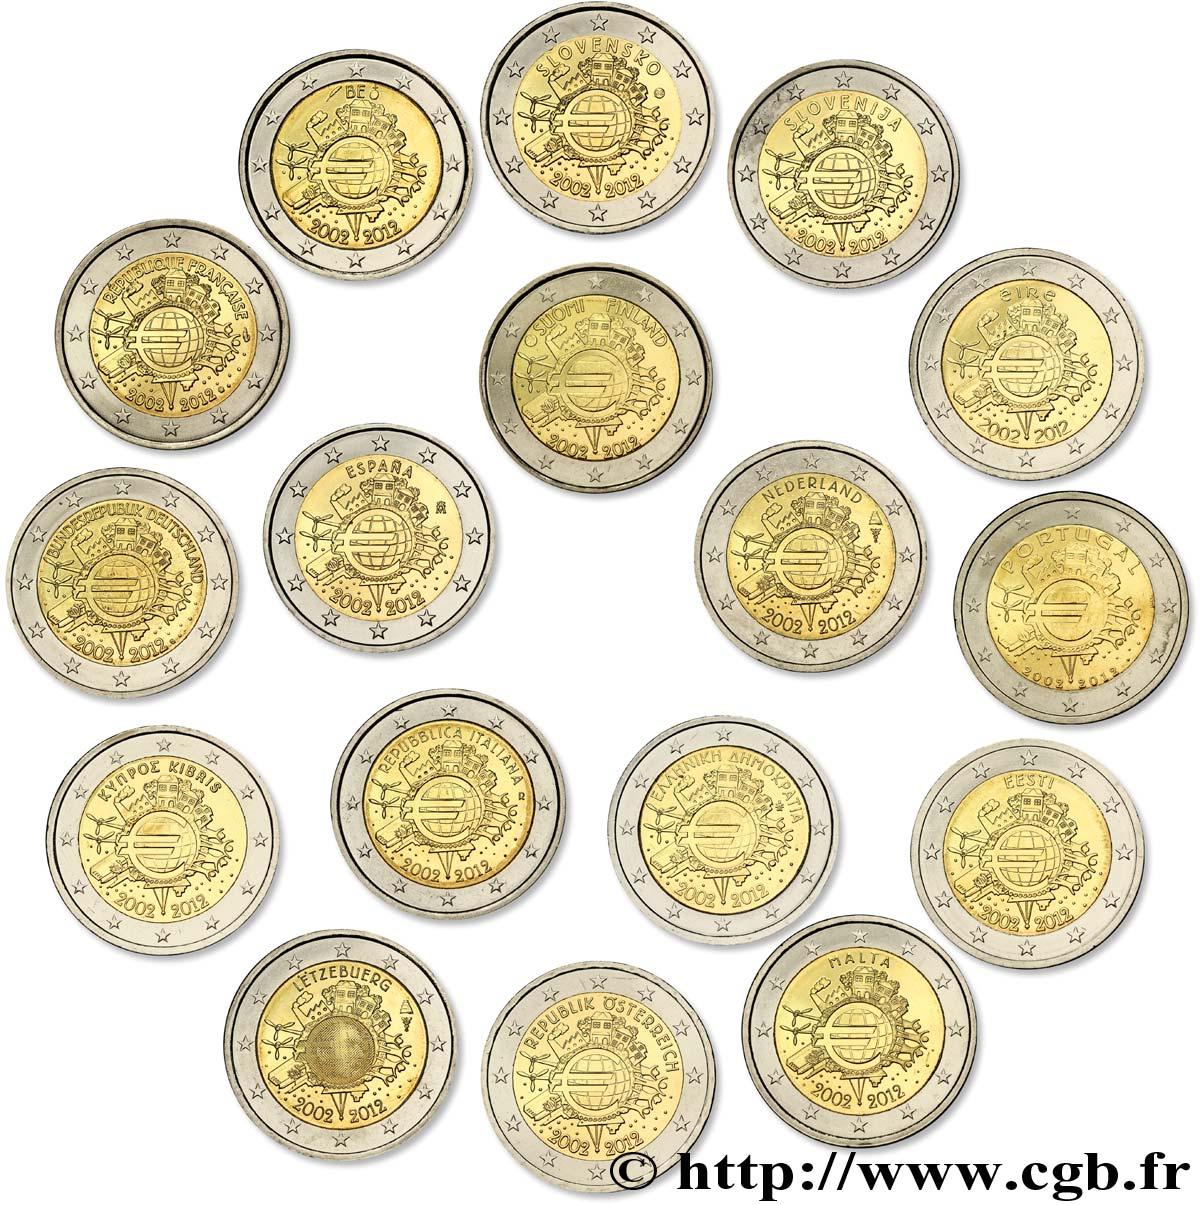 EUROPA lot 17 pièces de 2 Euro 10 ANS DES PIÈCES ET BILLETS EN EUROS 2012